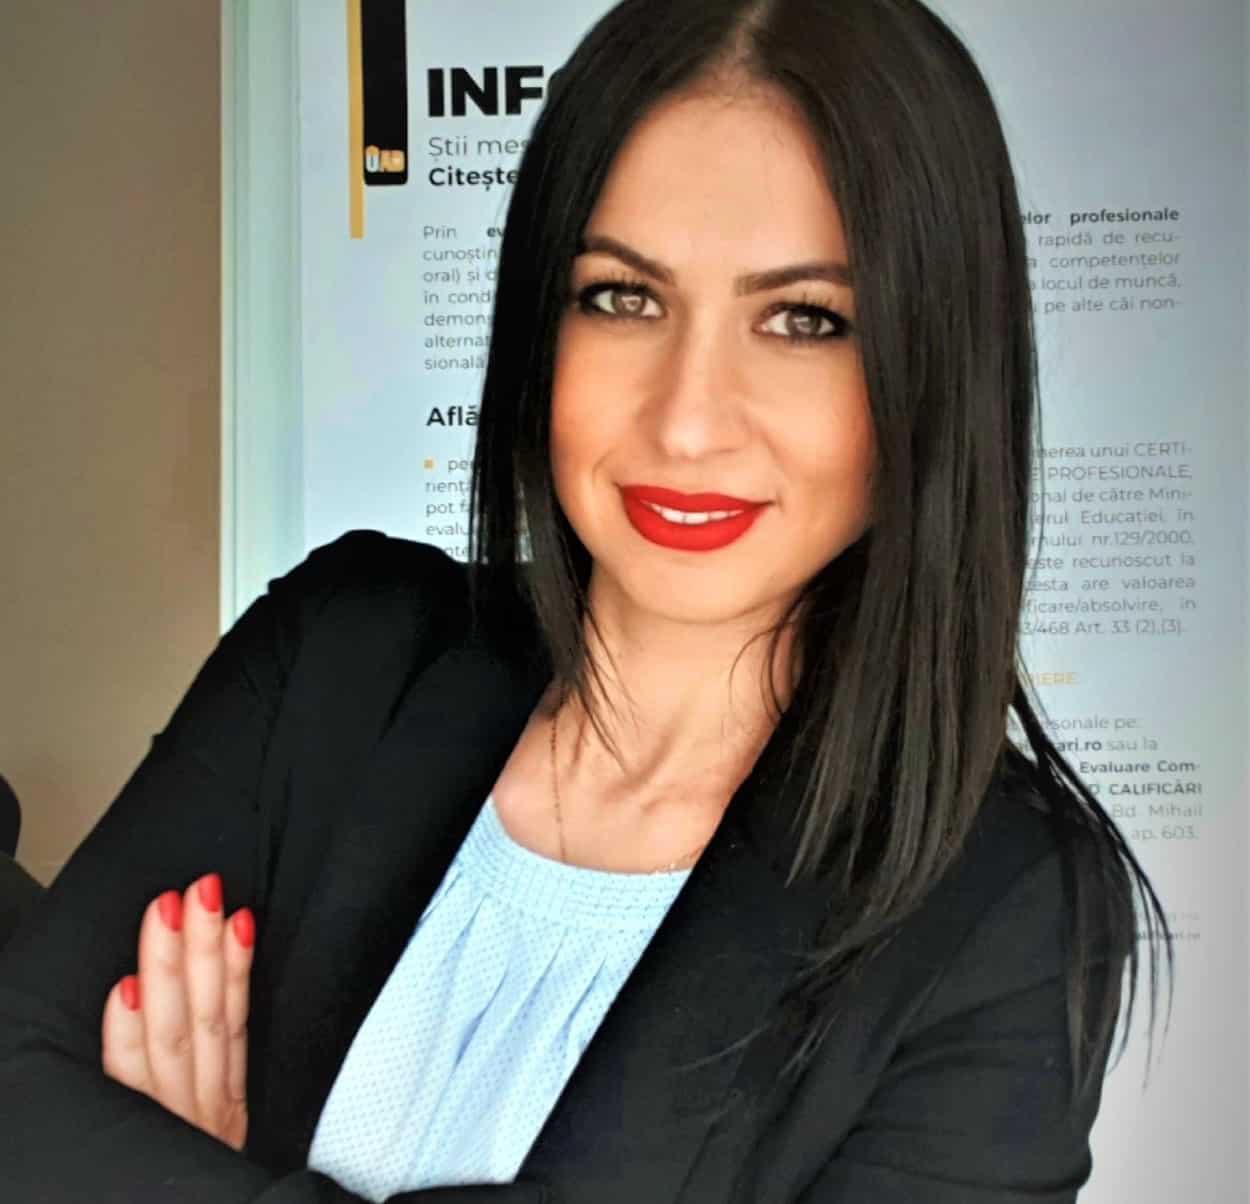 Ludmila Socaciu - Coordonator Centru OPTIM AD CALIFICARI BRASOV- Centru de formare profesionala si evaluare_Autorizat de AUTORITATEA NATIONALA PENTRU CALIFICARI (ANC)